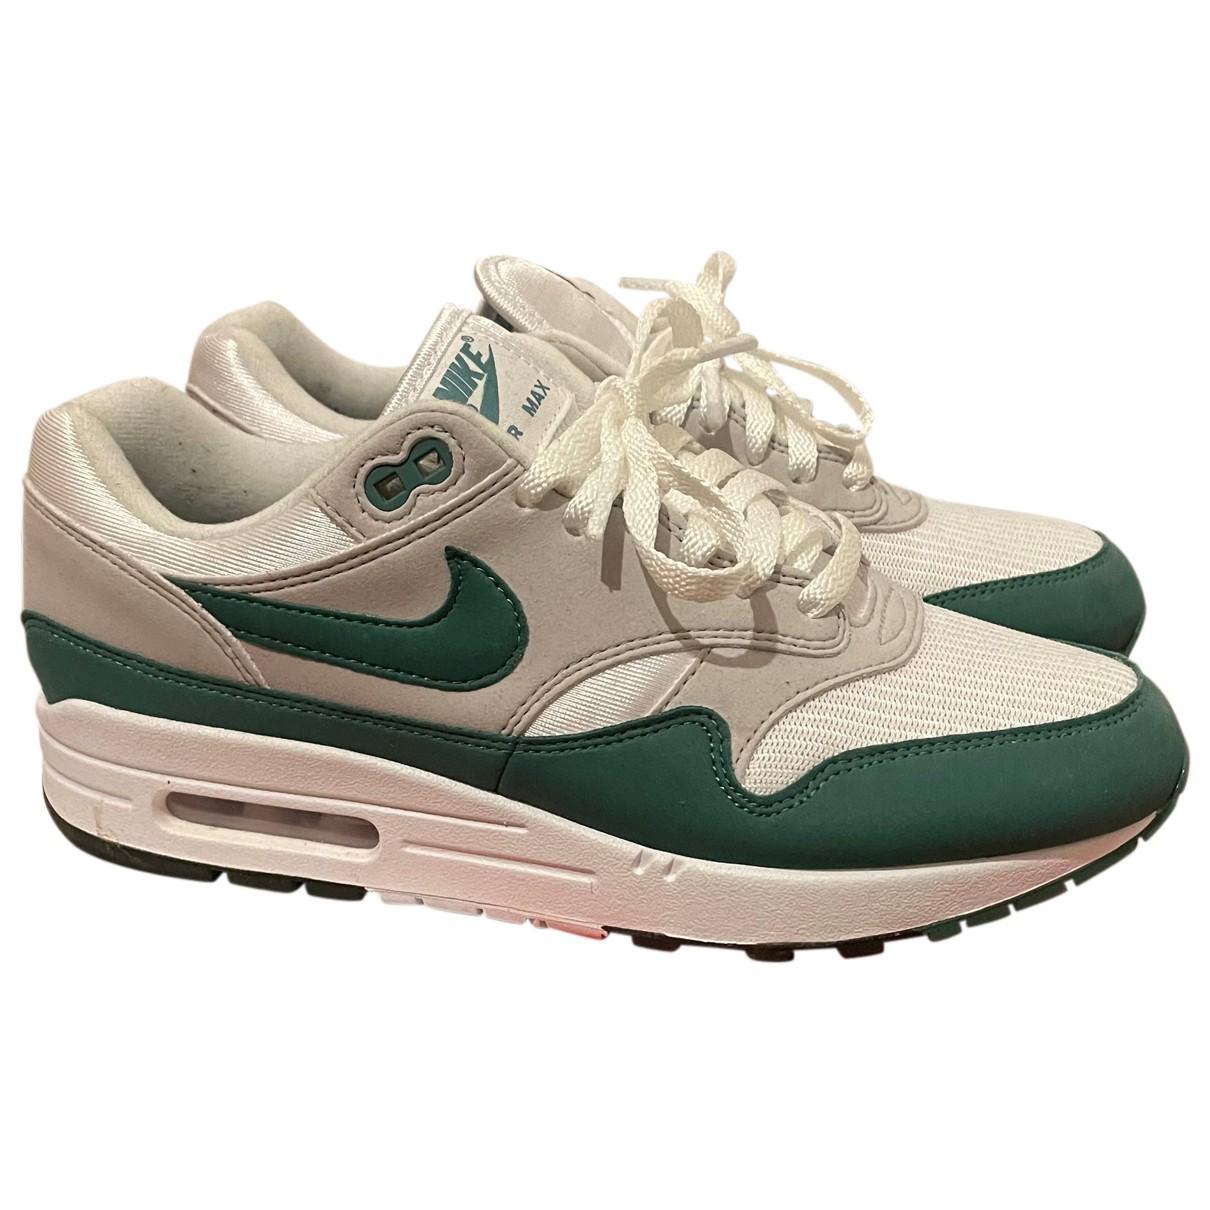 Nike Air Max 1 Sneakers in  Gruen Veloursleder